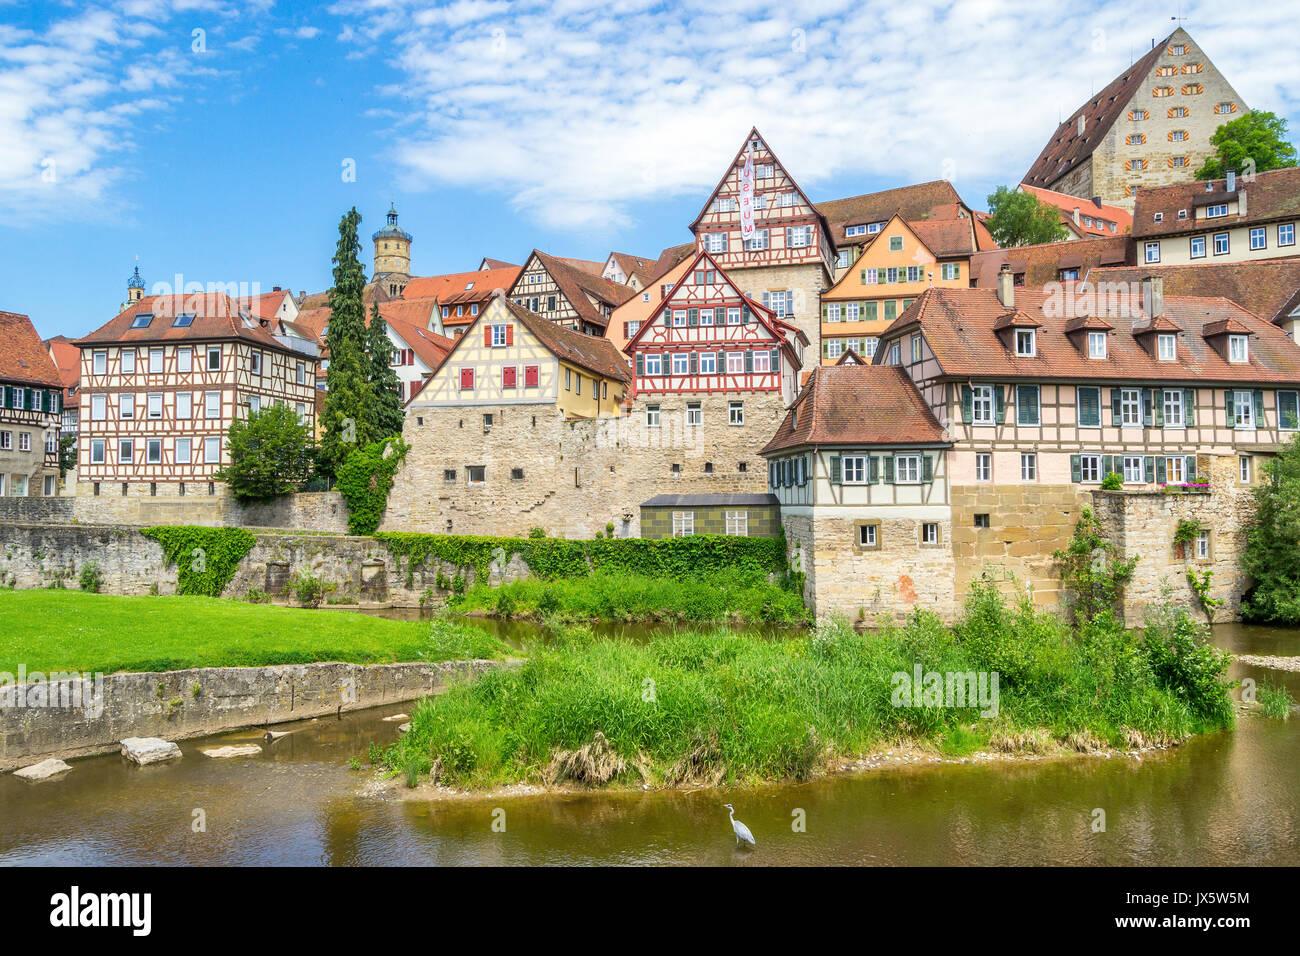 Stadtbild von Schwäbisch Hall, Deutschland Stockbild